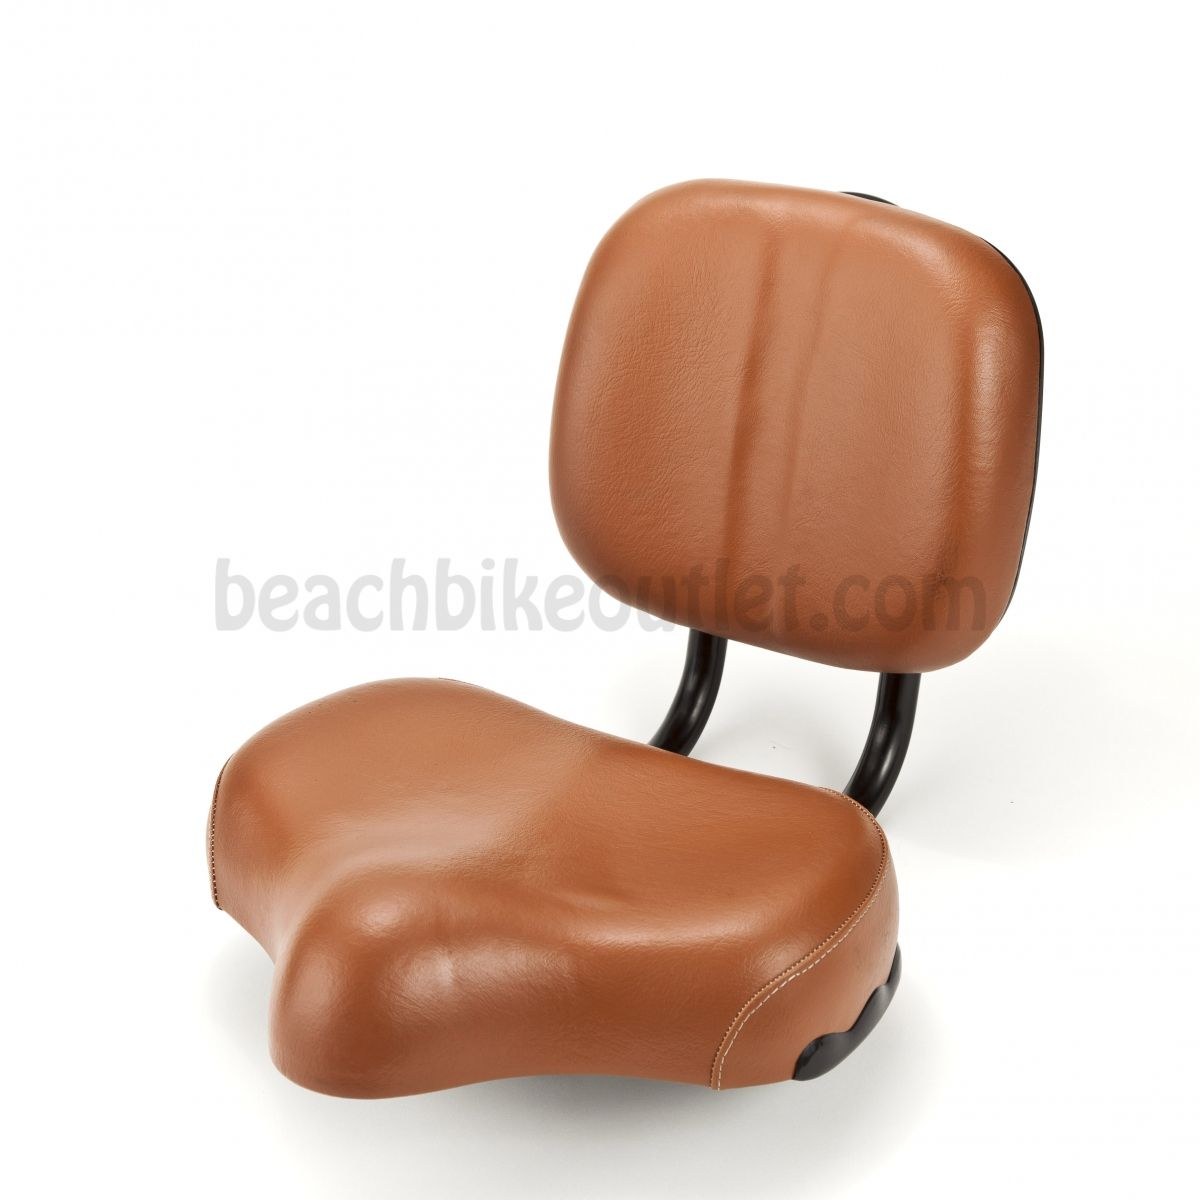 Beach Adjustable Backrest - b94f1b33c65e3e03753dd6fd8172e01d_Simple Beach Adjustable Backrest - b94f1b33c65e3e03753dd6fd8172e01d  Trends_492323.jpg